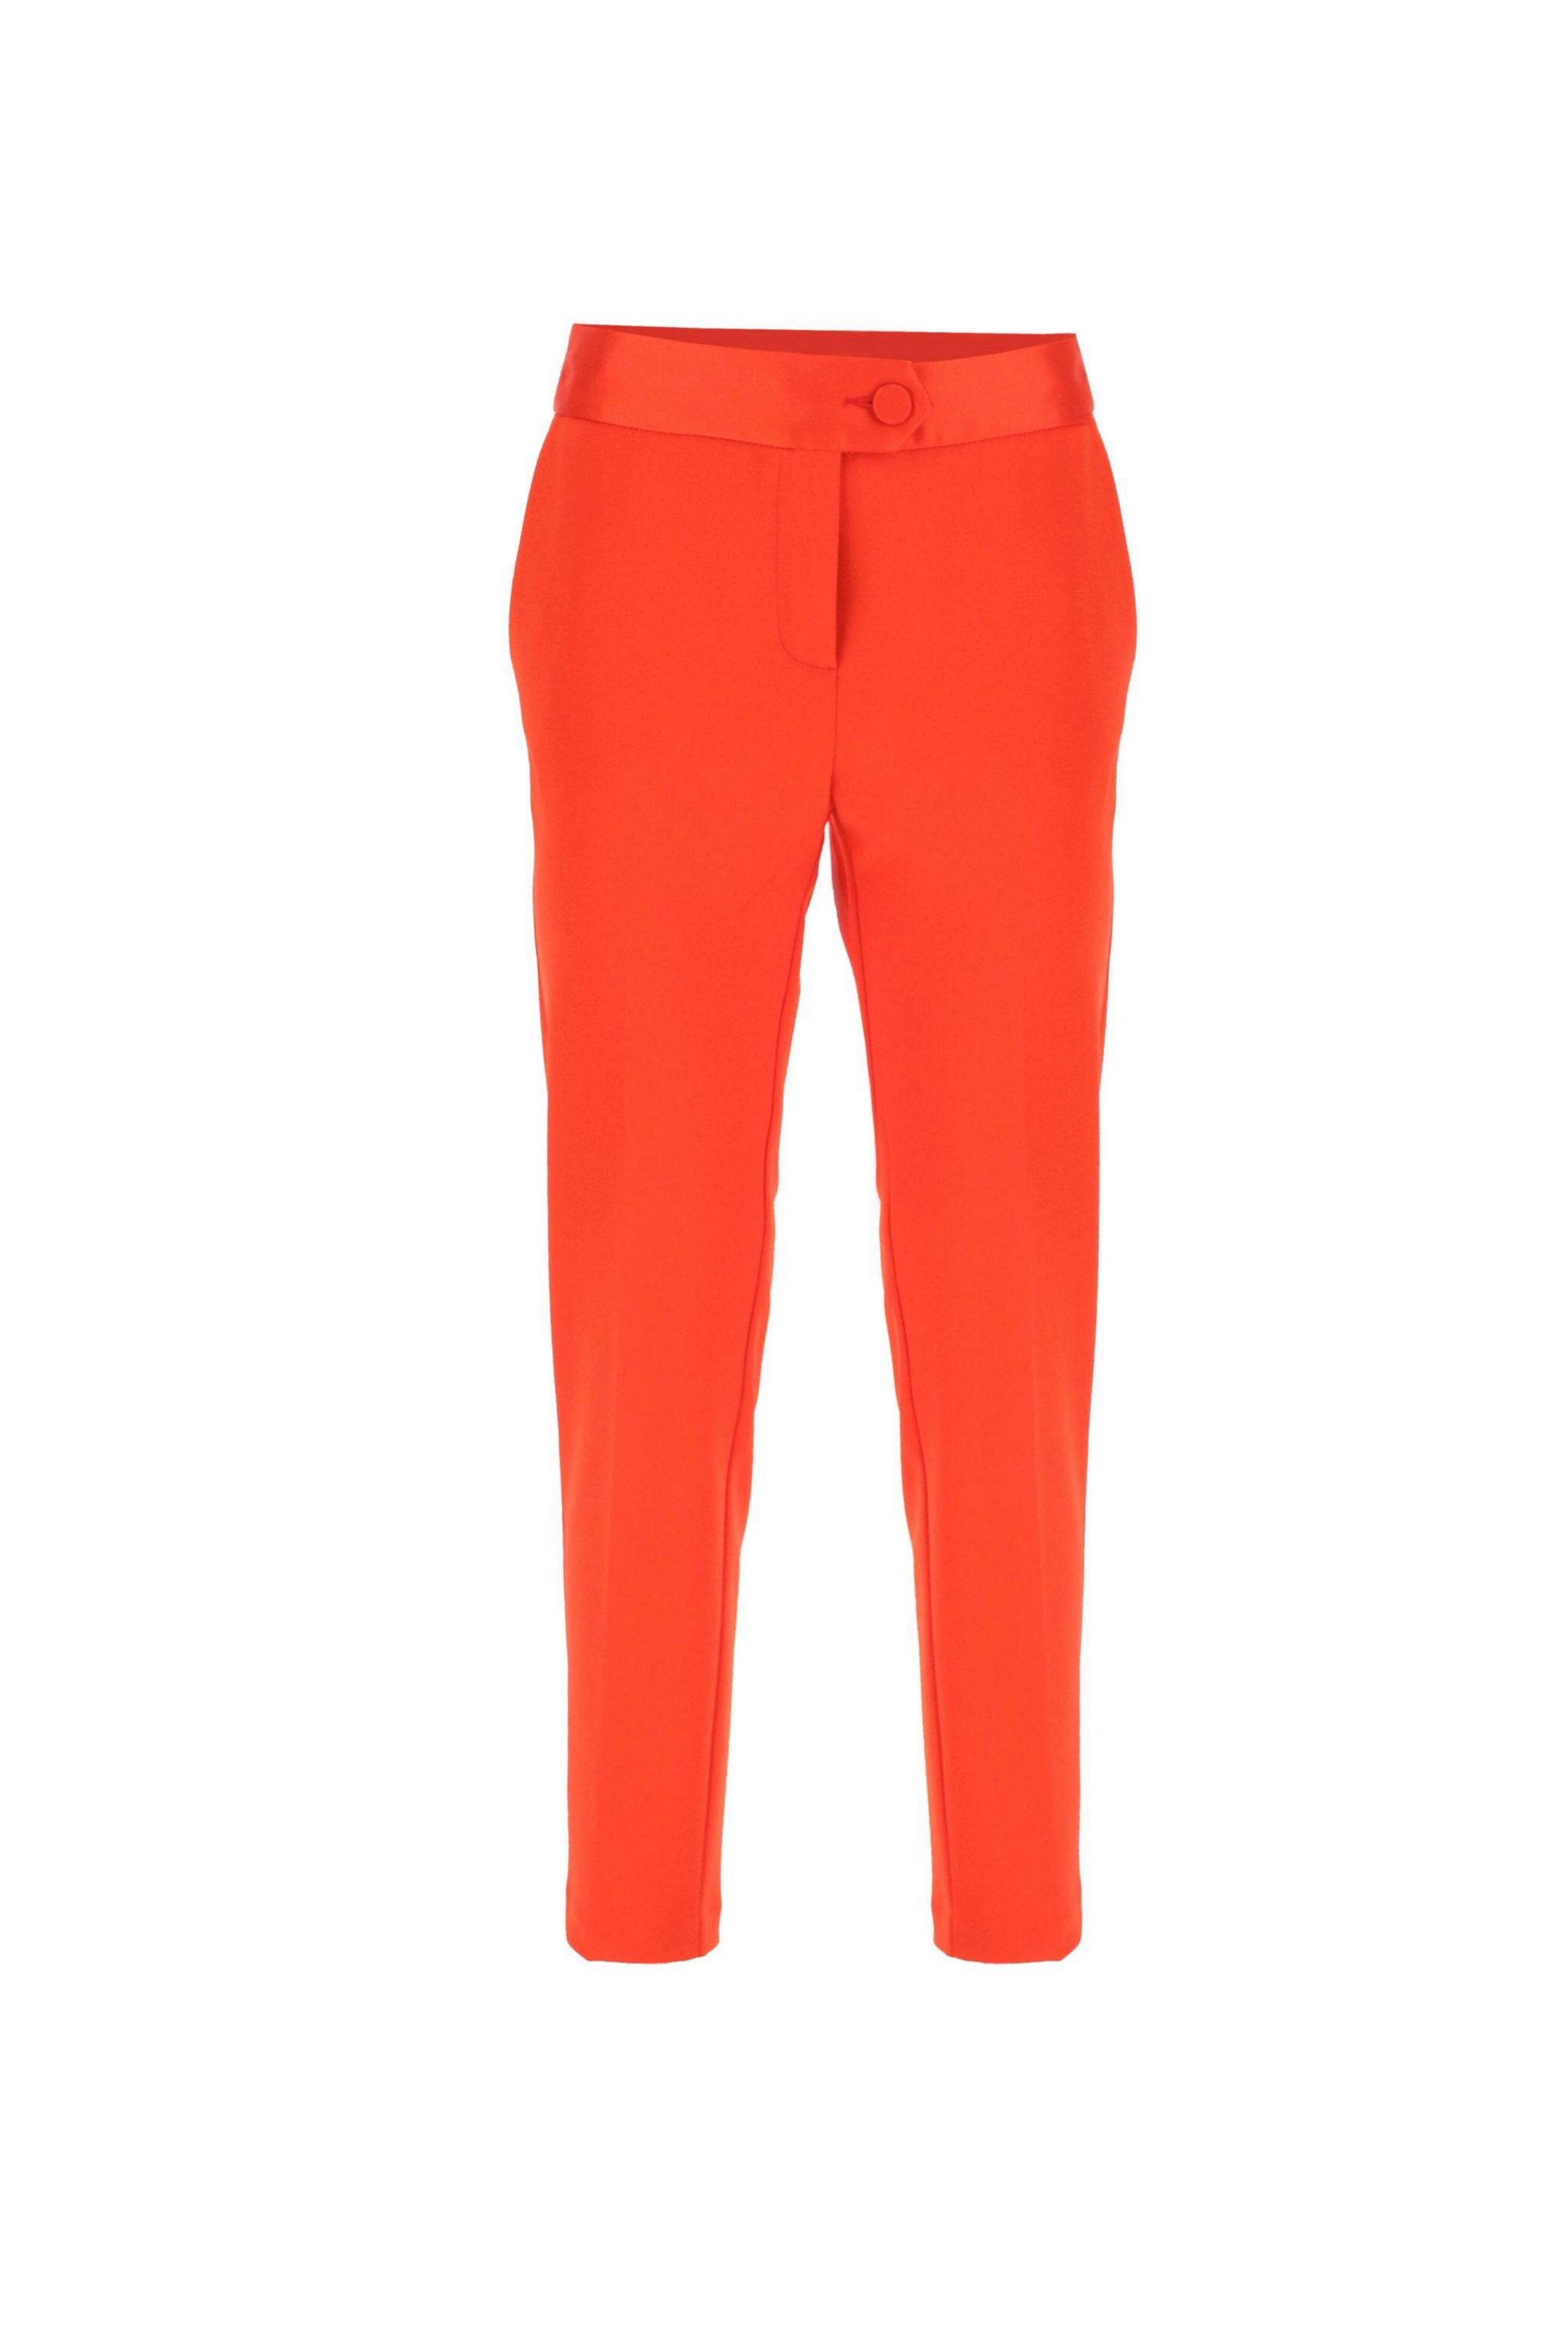 Pantalón en color naranja de pinzas de Imperial